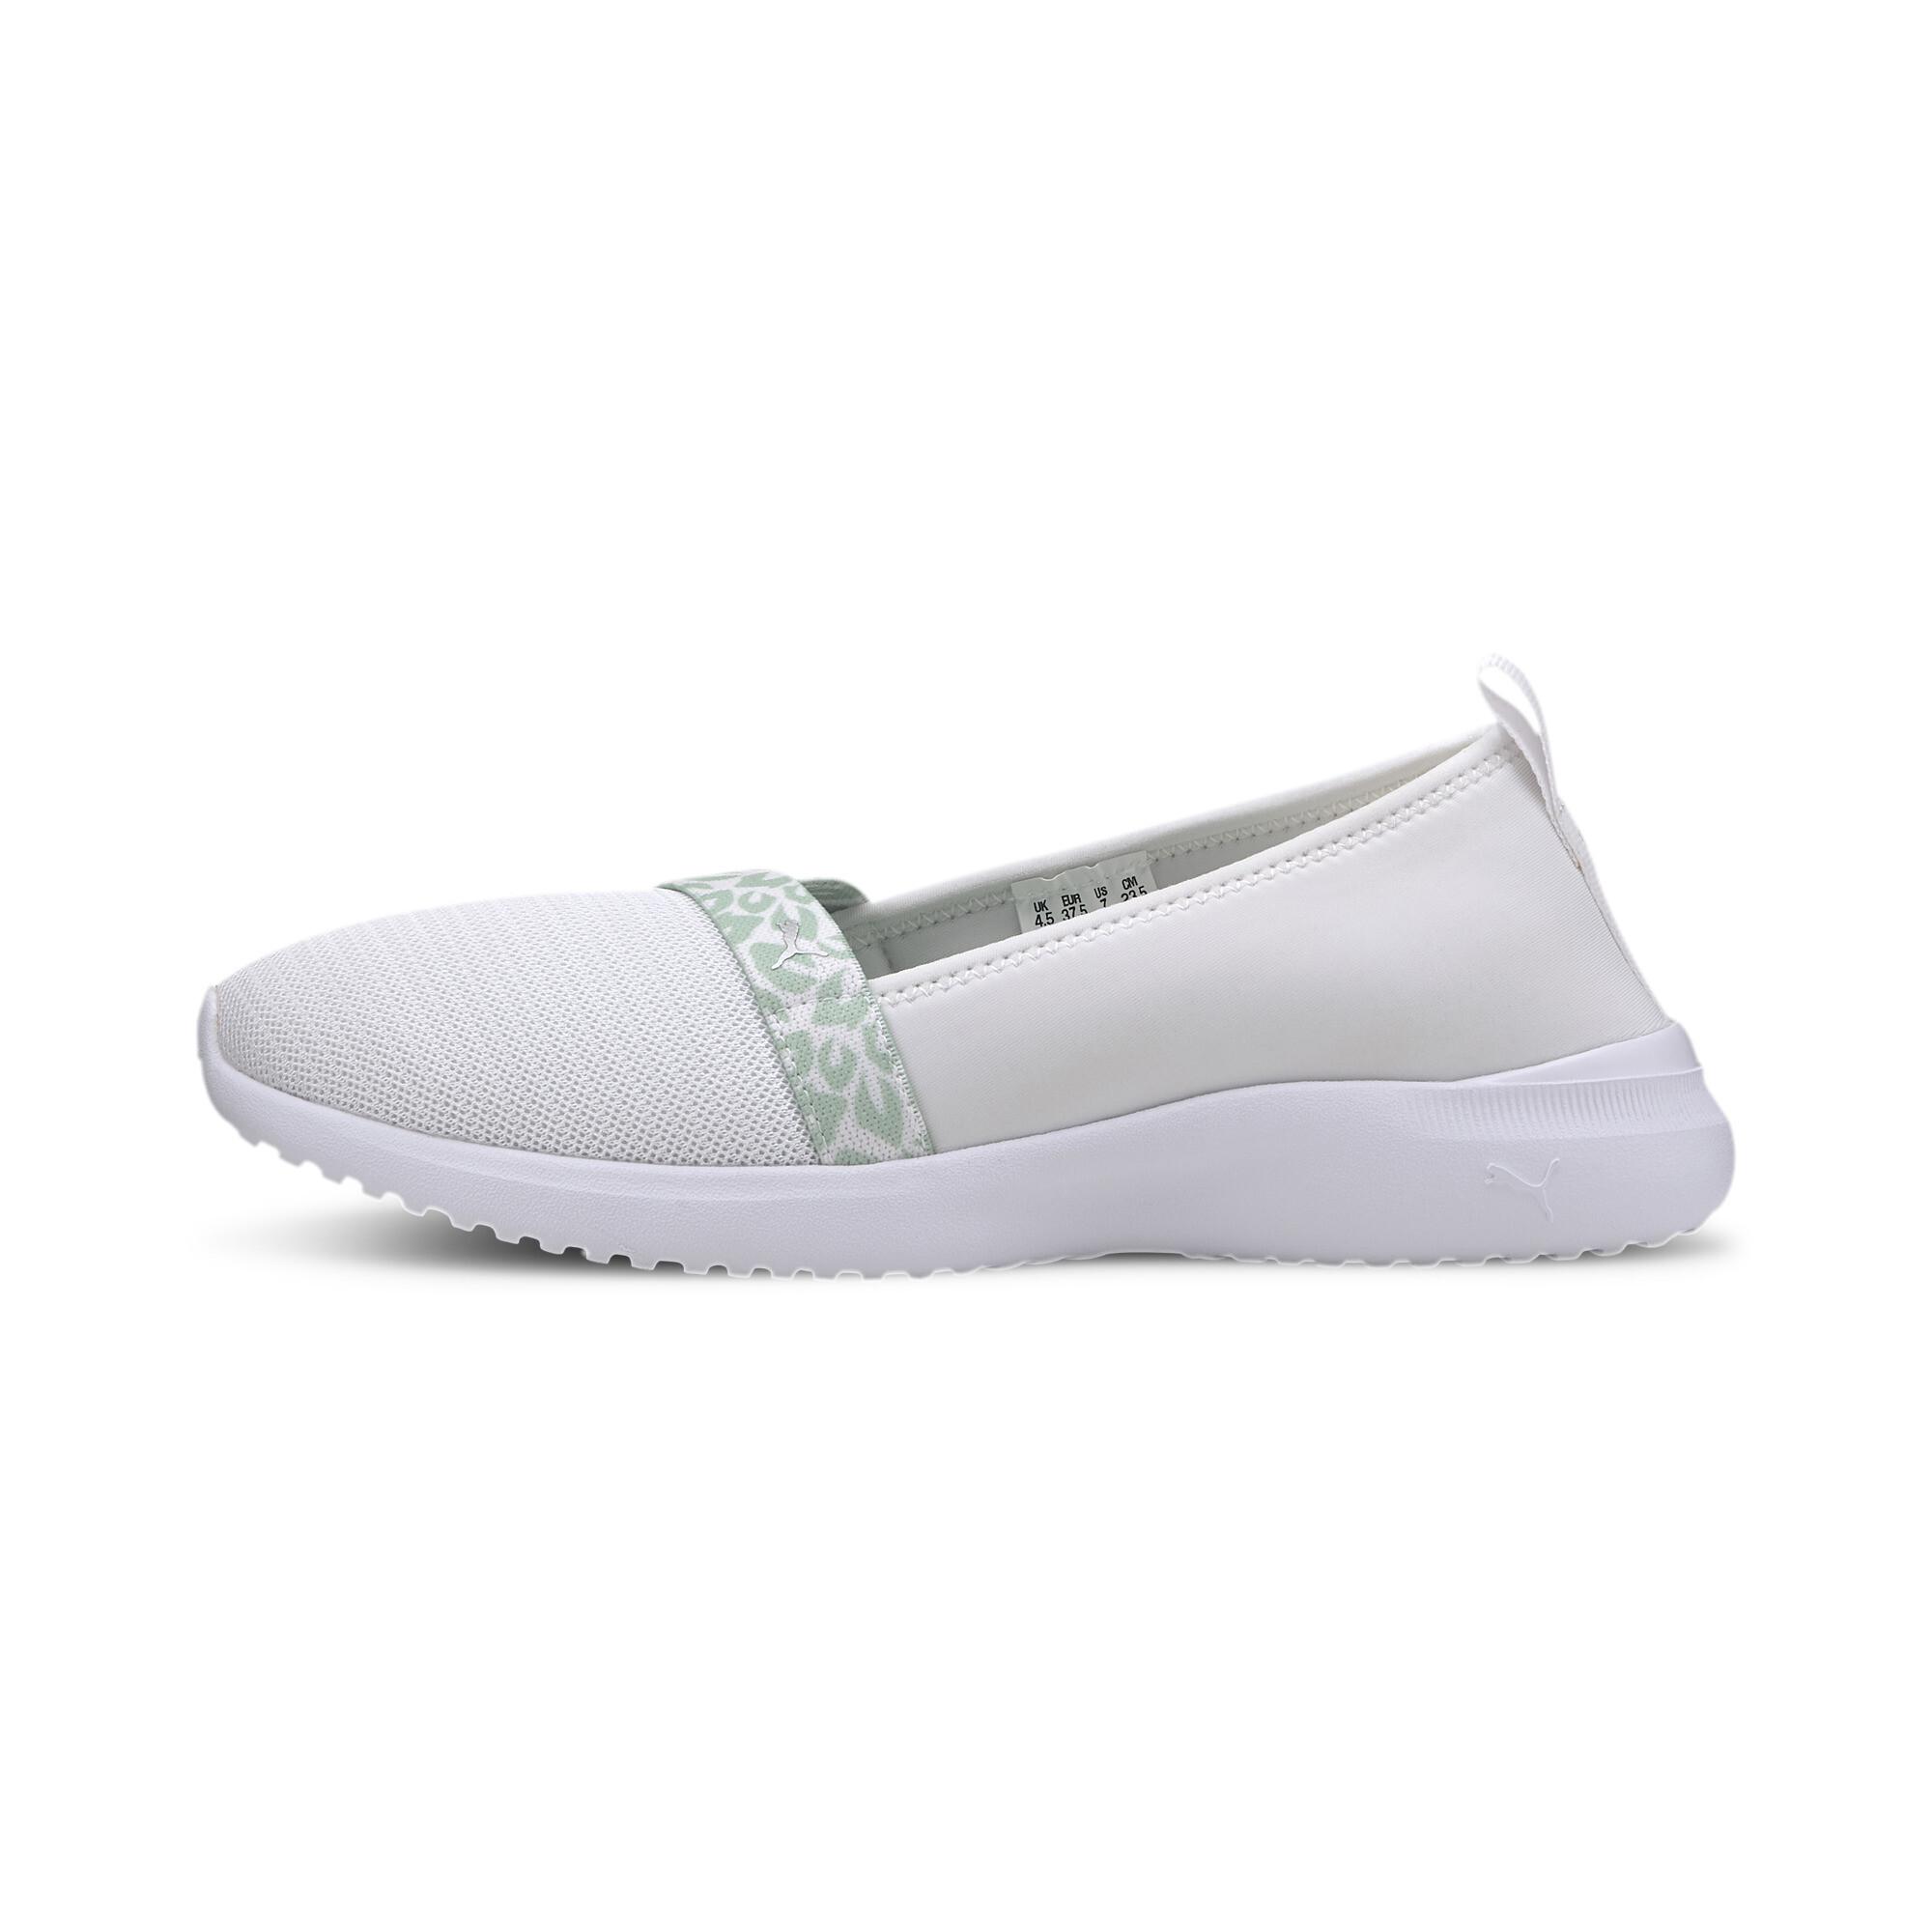 PUMA-Women-039-s-Adelina-Blossom-Ballet-Shoes thumbnail 11